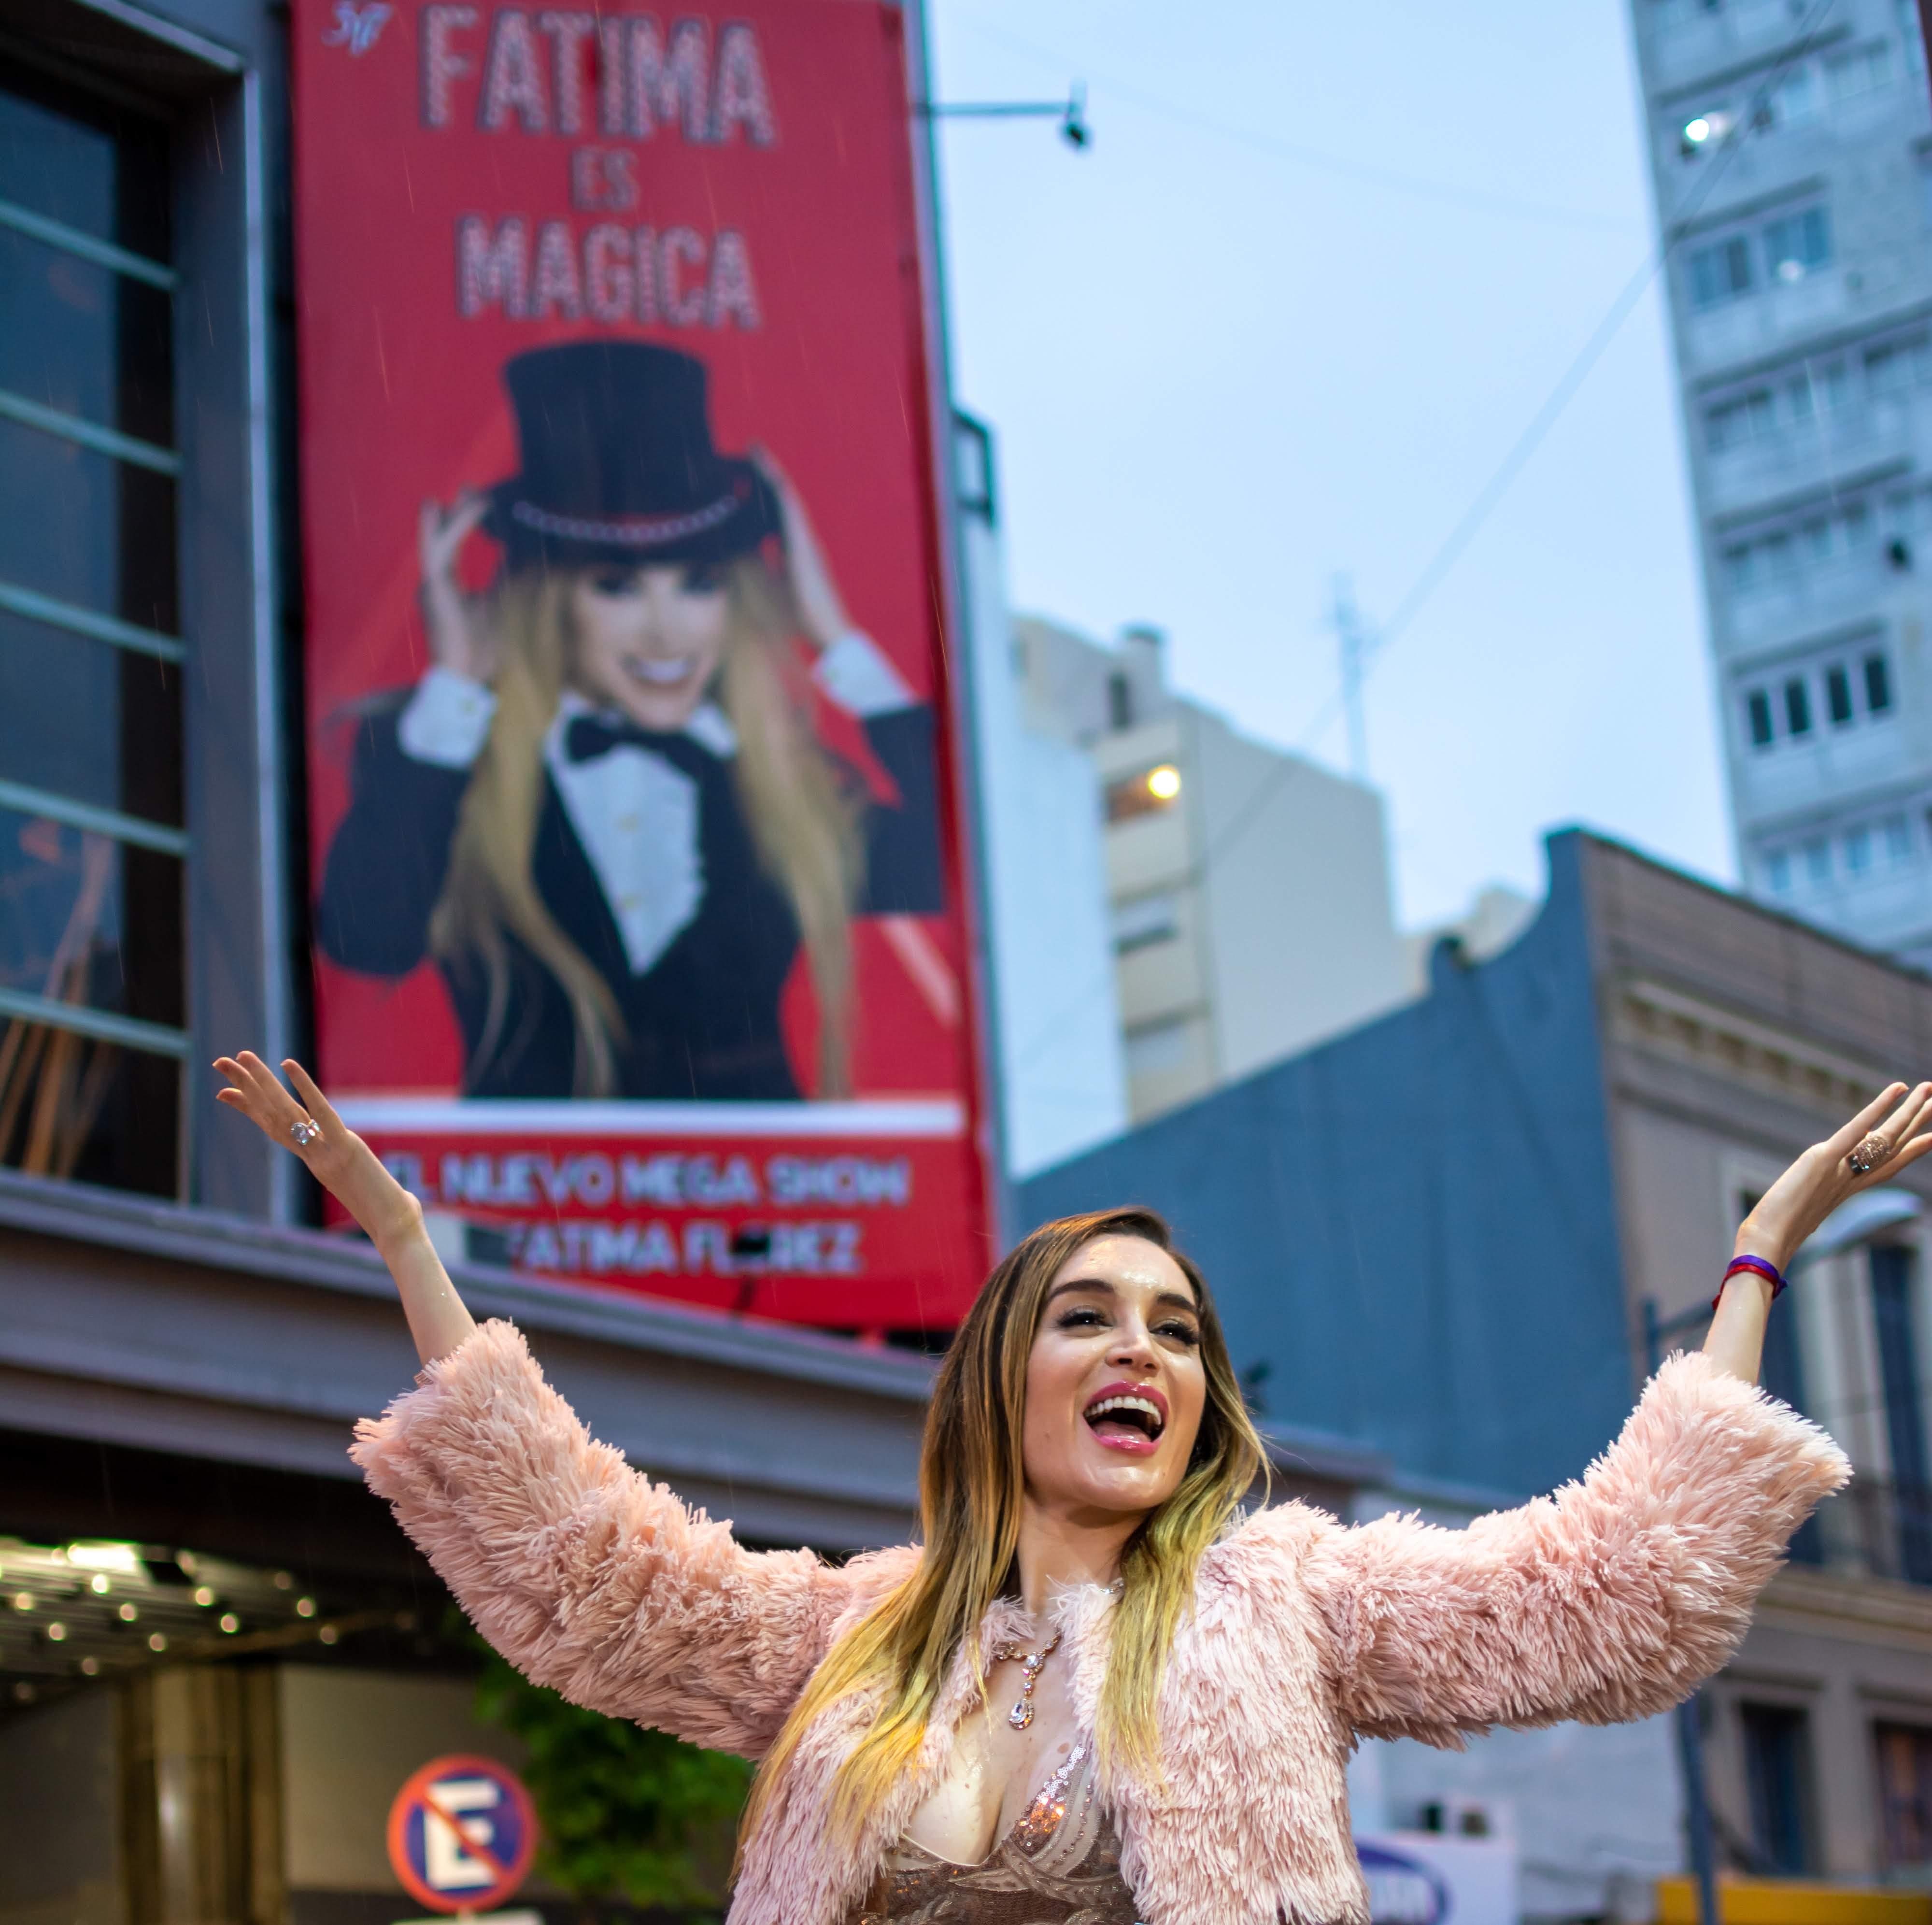 Verano teatral de Mar del Plata:Fátima Florez, la primera que instaló la marquesina